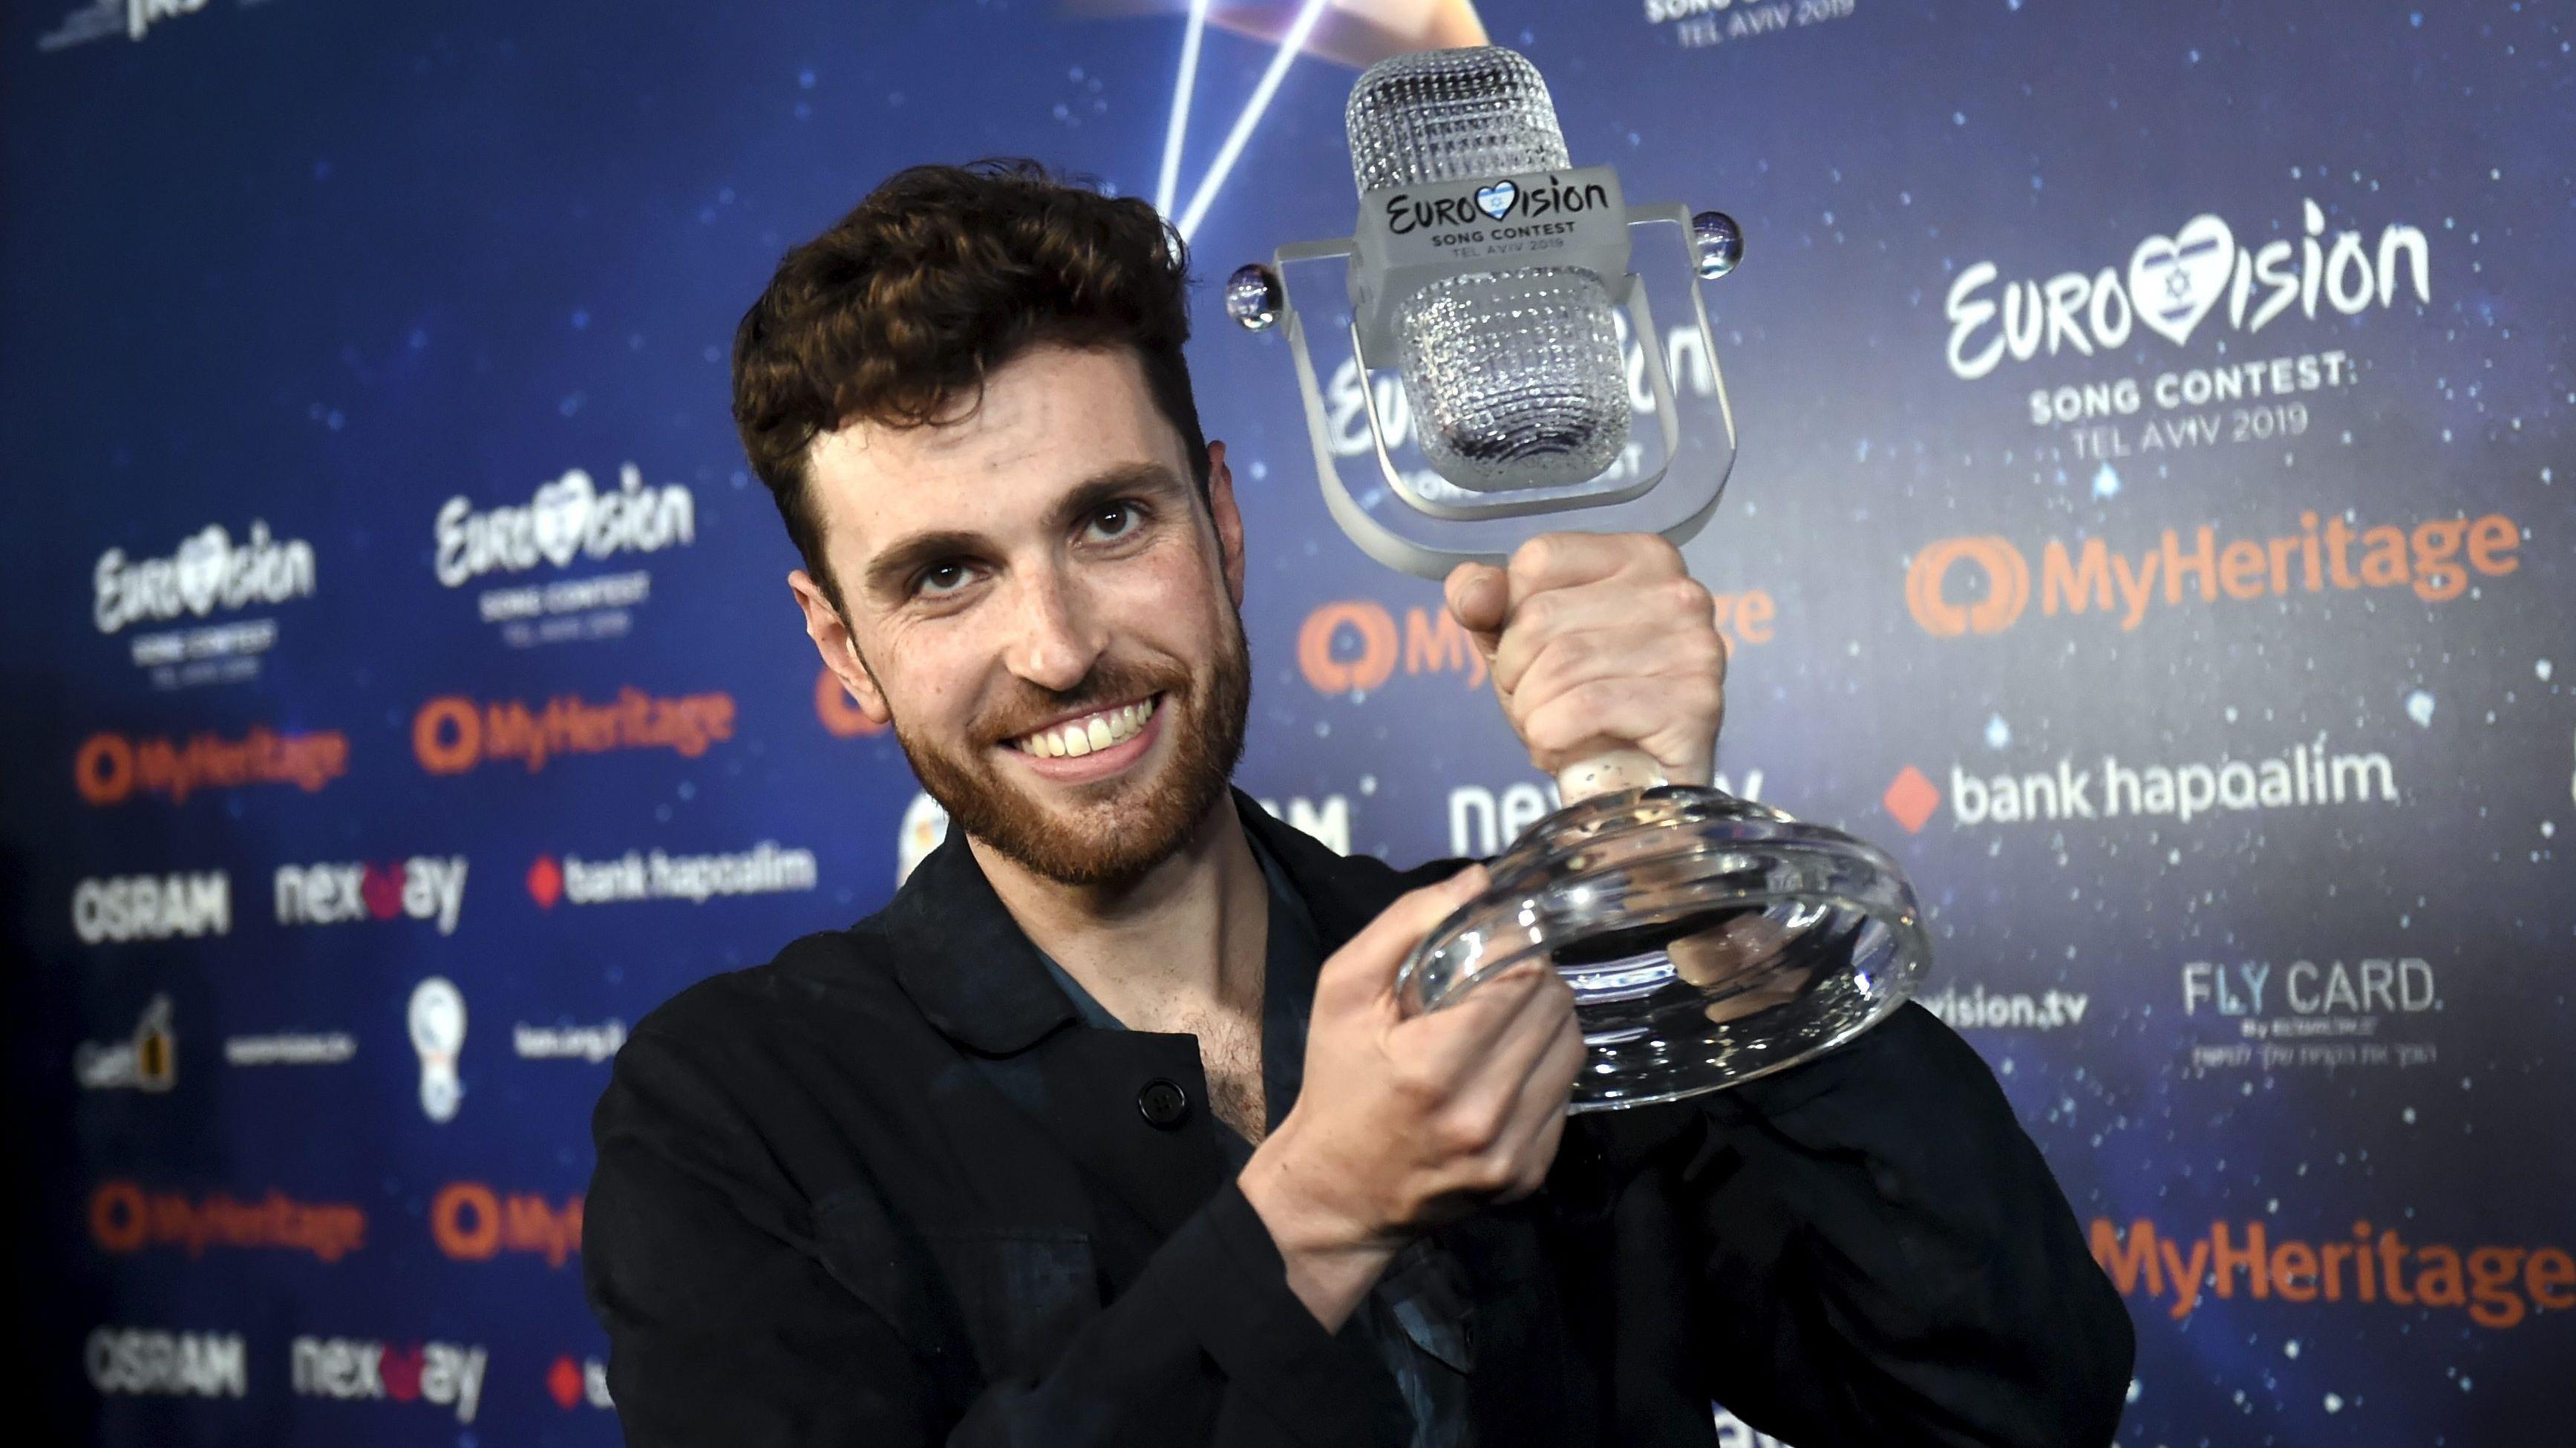 Duncan Laurence aus den Niederlanden, Gewinner des Eurovision Song Contest (ESC) 2019